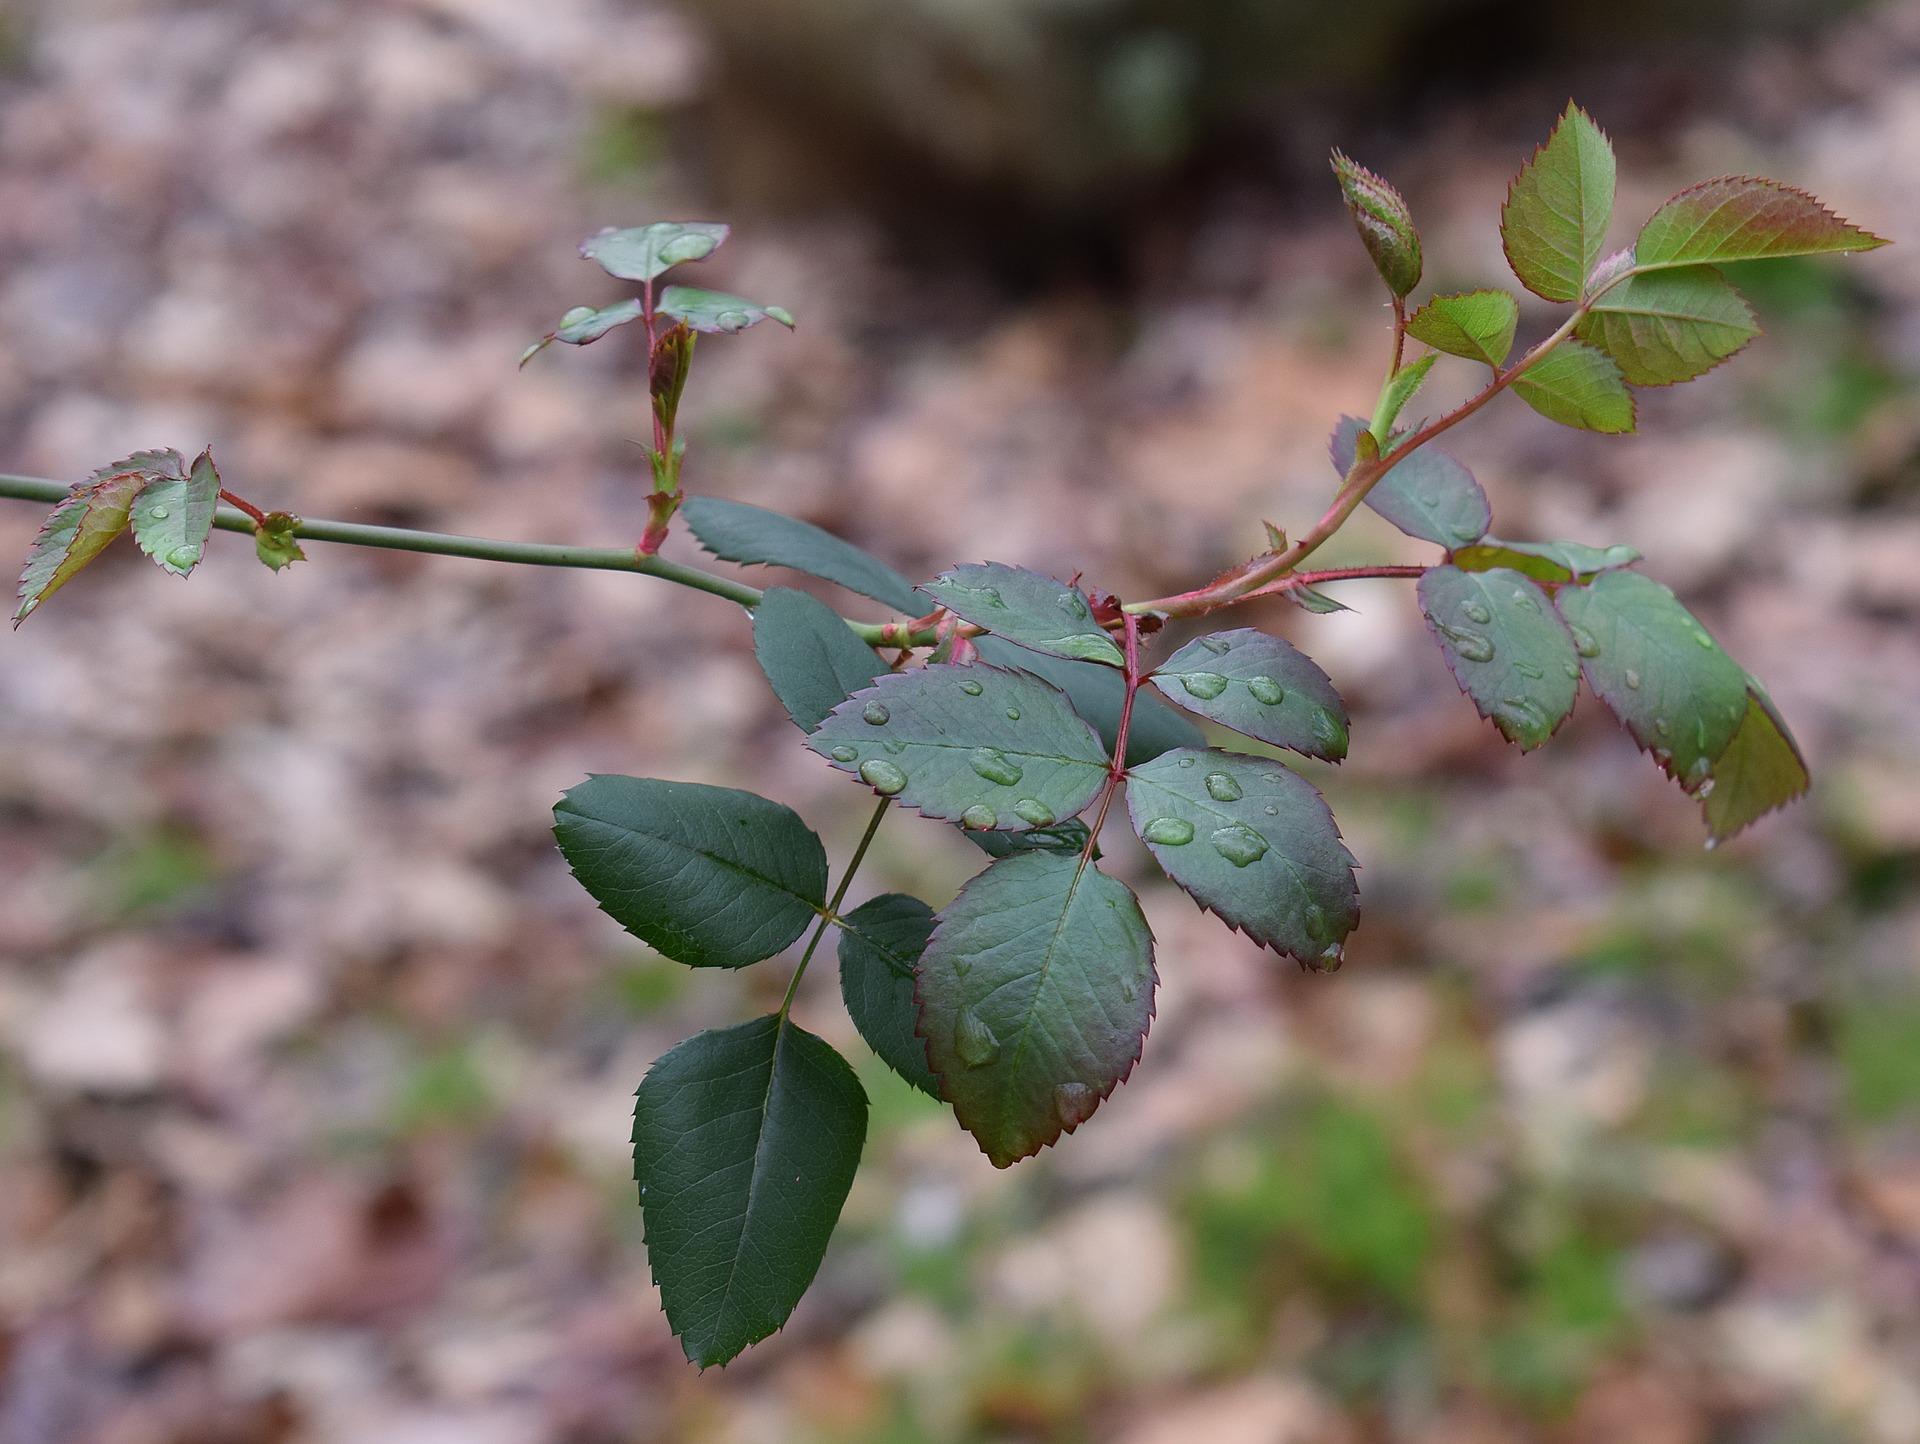 new-rose-leaves-2090924_1920jpg